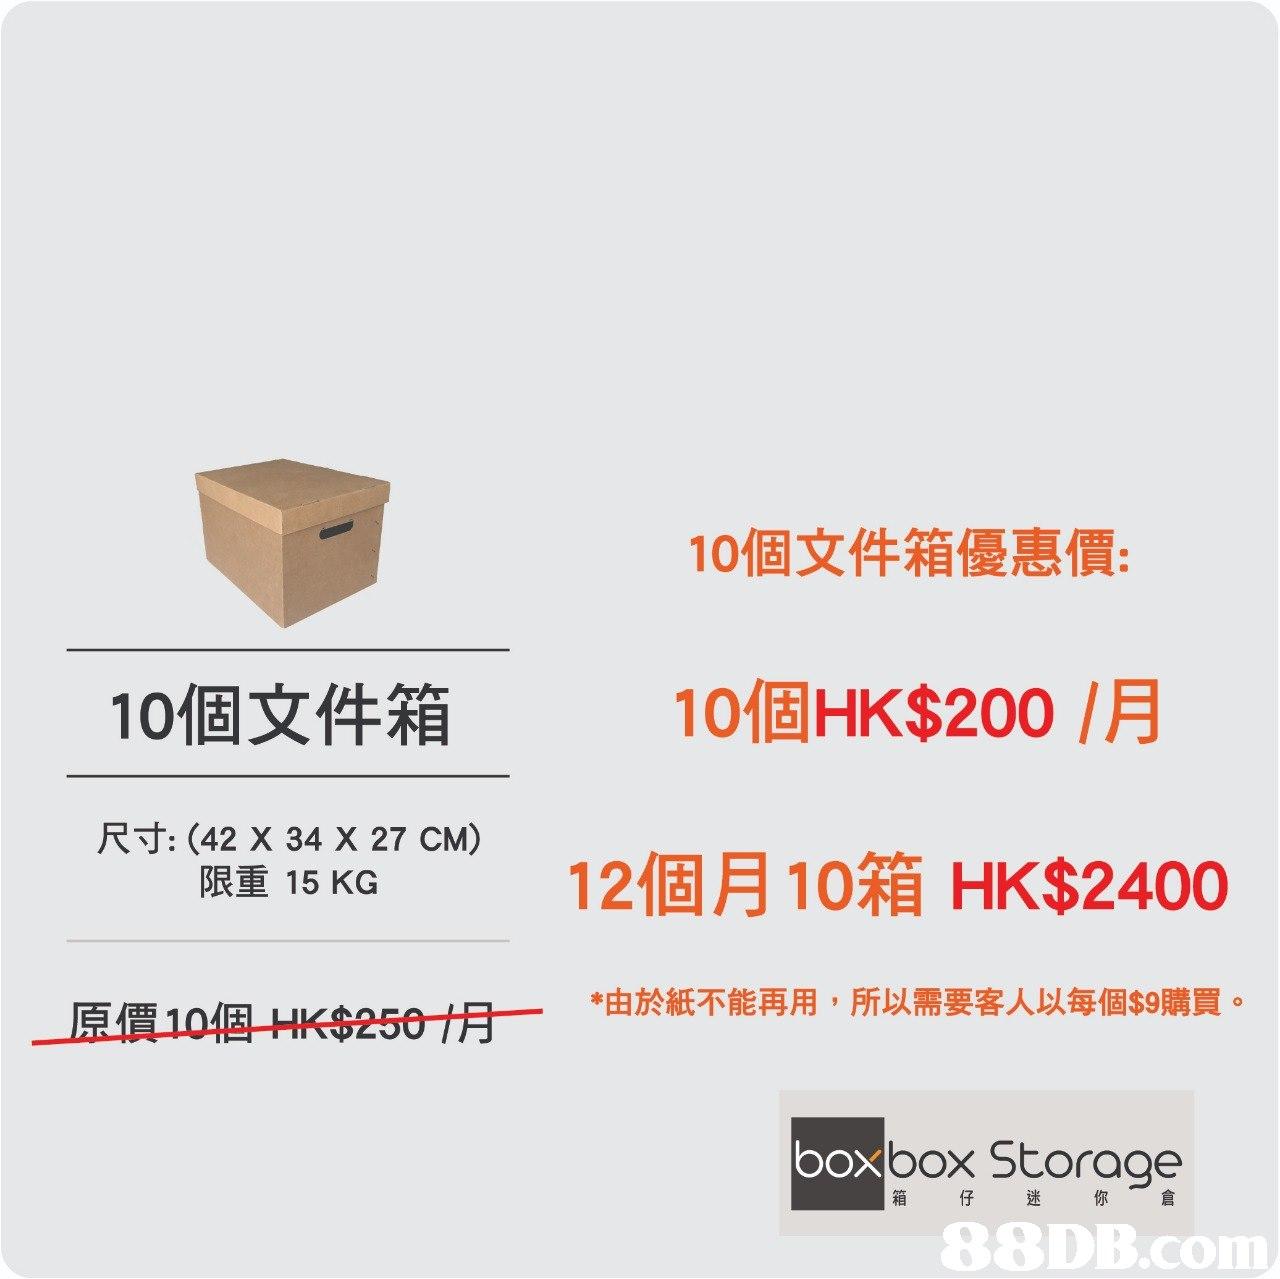 10個文件箱優惠價 10個HK$200 / 12個月10箱HK$2400 1貝: 10個文件箱 尺寸: (42 X 34 X 27 CM) 限重15KG *由於紙不能再用,所以需要客人以每個$9購買。 -原價10個-HK$2501月ㄧ ooxbox Storage 箱 仔 迷你 倉   text,font,product,line,product